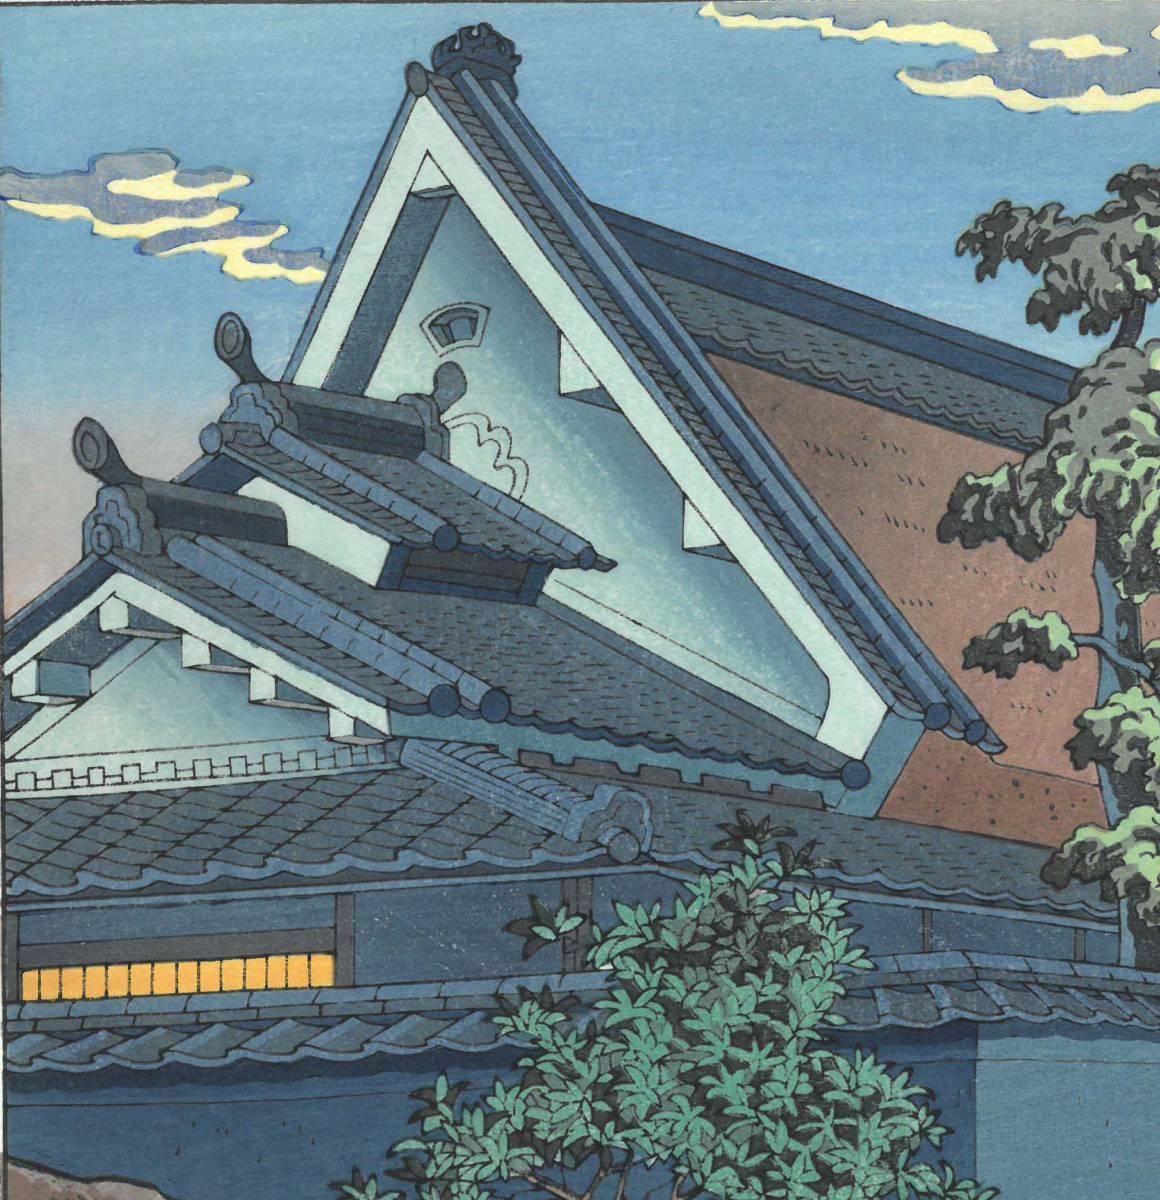 浅野竹二 (Asano Takeji) 木版画 TA20 大和路暮色 新版画 初版昭和20年頃 京都の一流の摺師の技をご堪能下さい!!_画像10